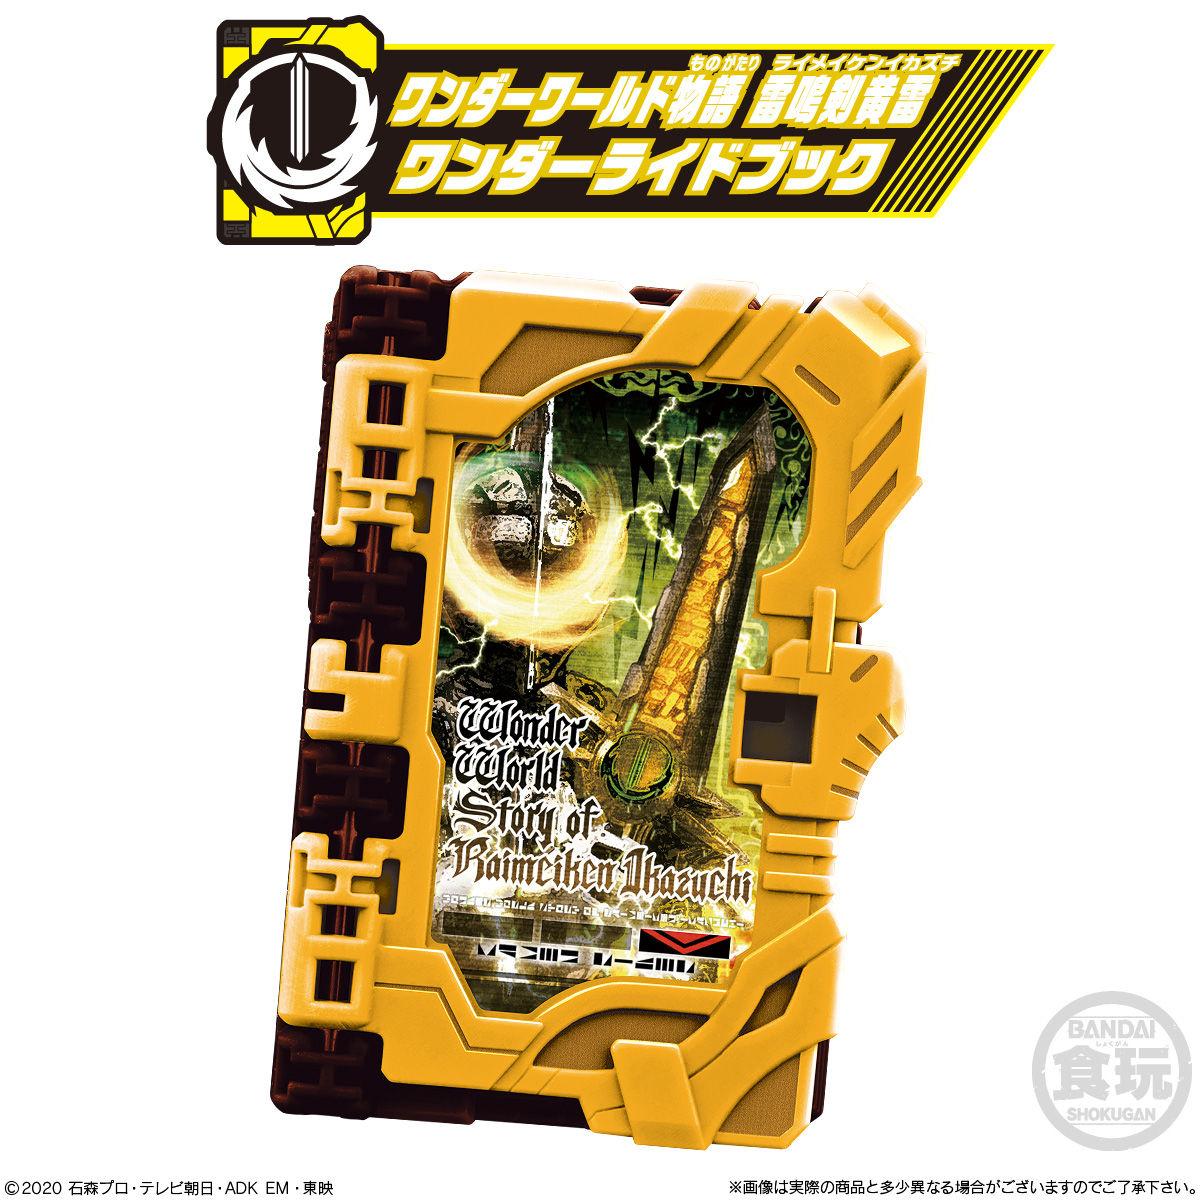 【食玩】仮面ライダーセイバー『コレクタブルワンダーライドブック SG06』8個入りBOX-002